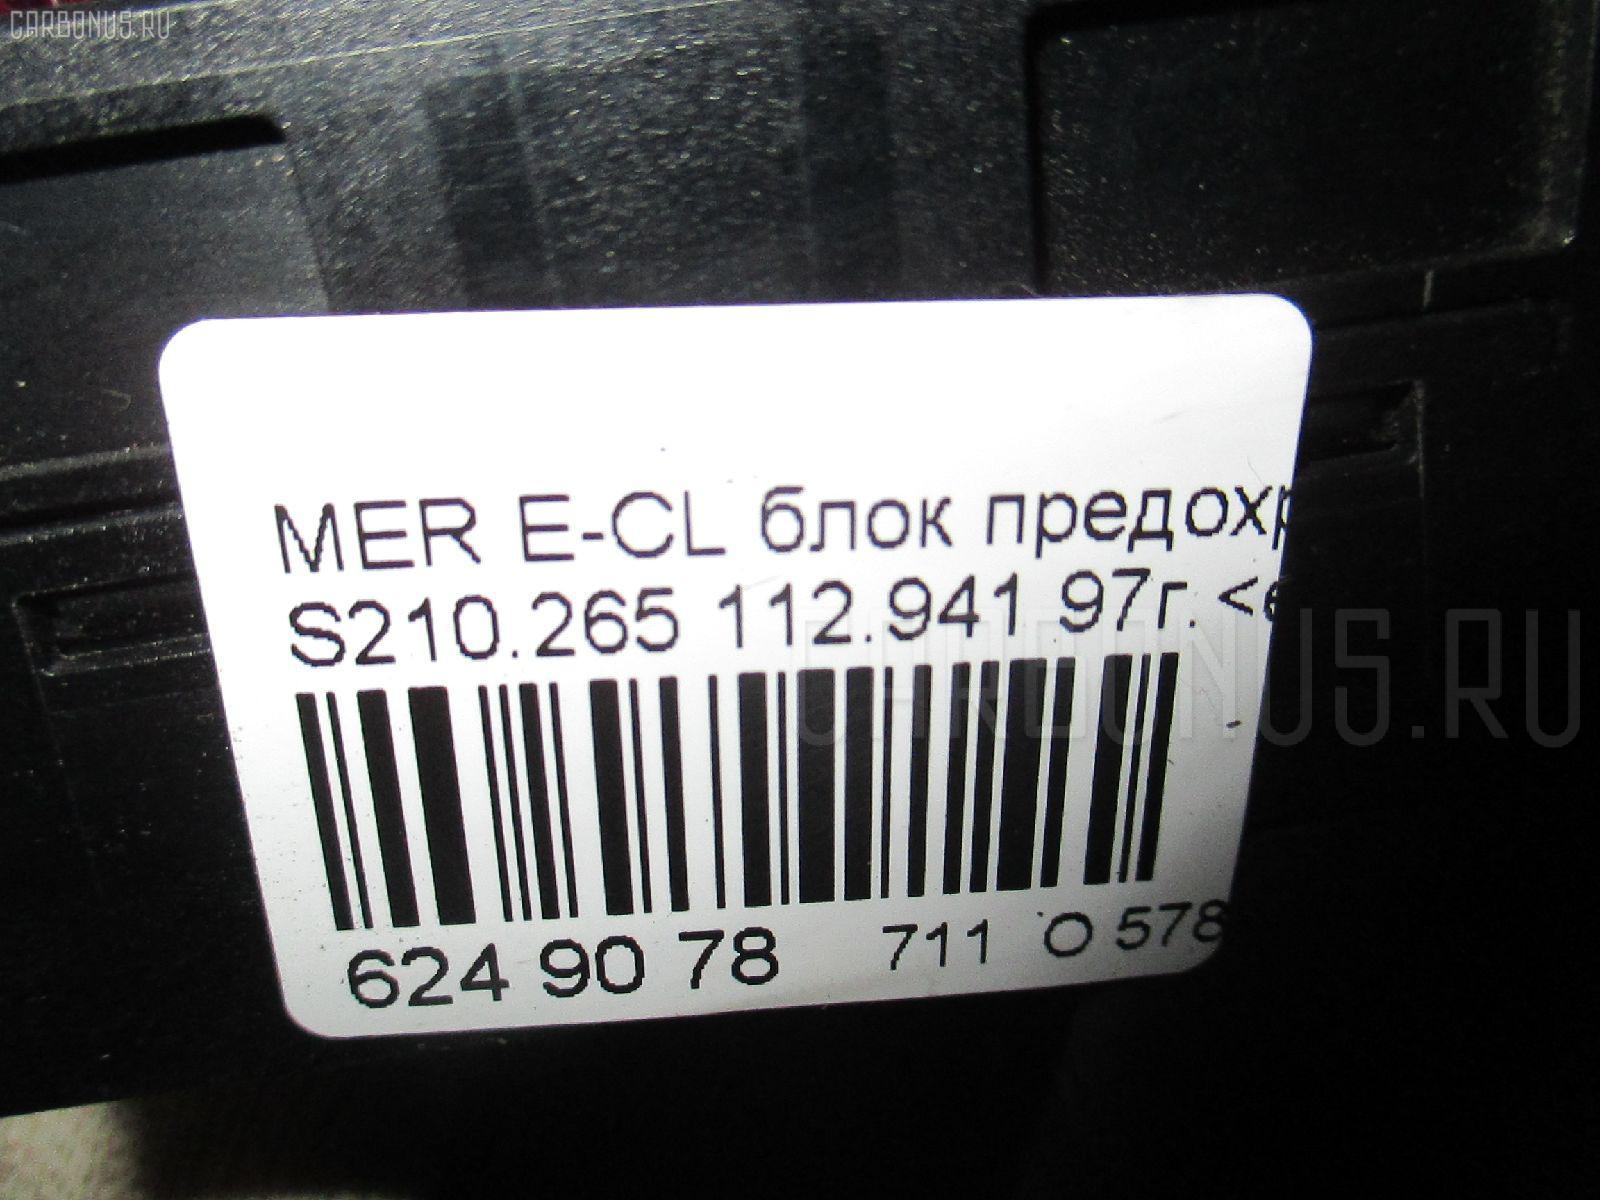 Блок предохранителей MERCEDES-BENZ E-CLASS STATION WAGON S210.265 112.941 Фото 9